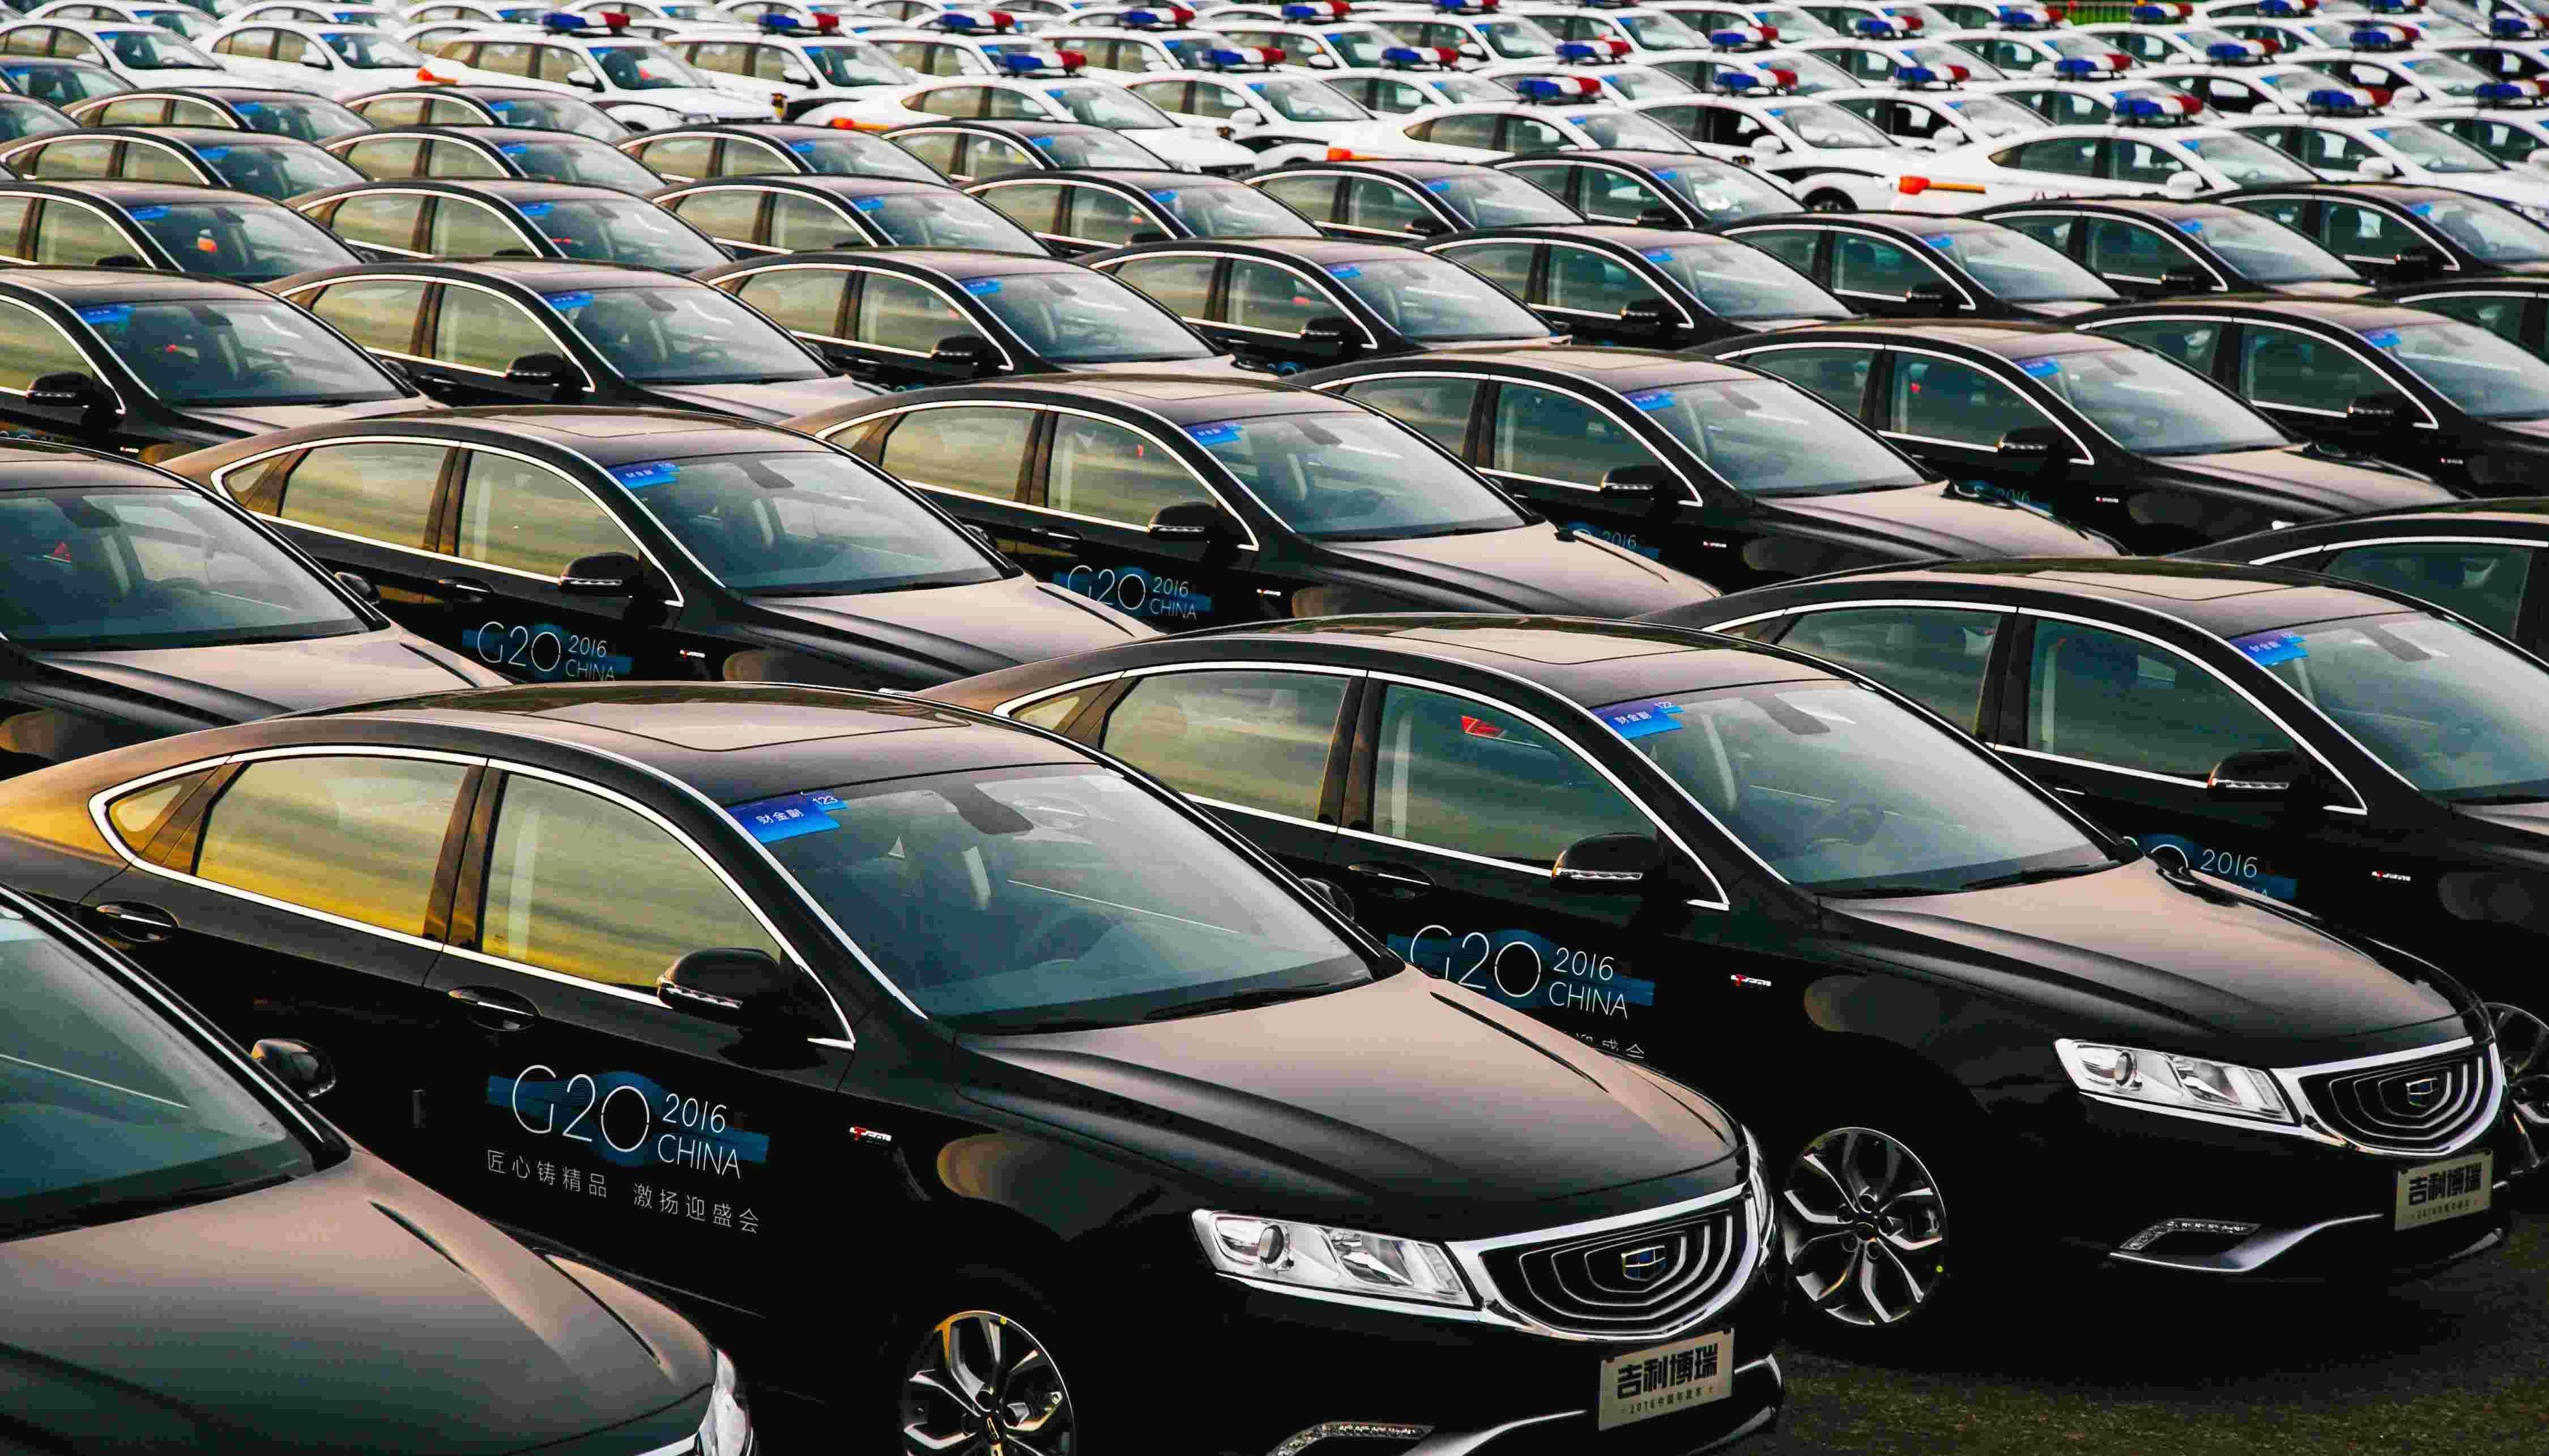 11月中国汽车销量同比下跌近14%  为近六年最大跌幅